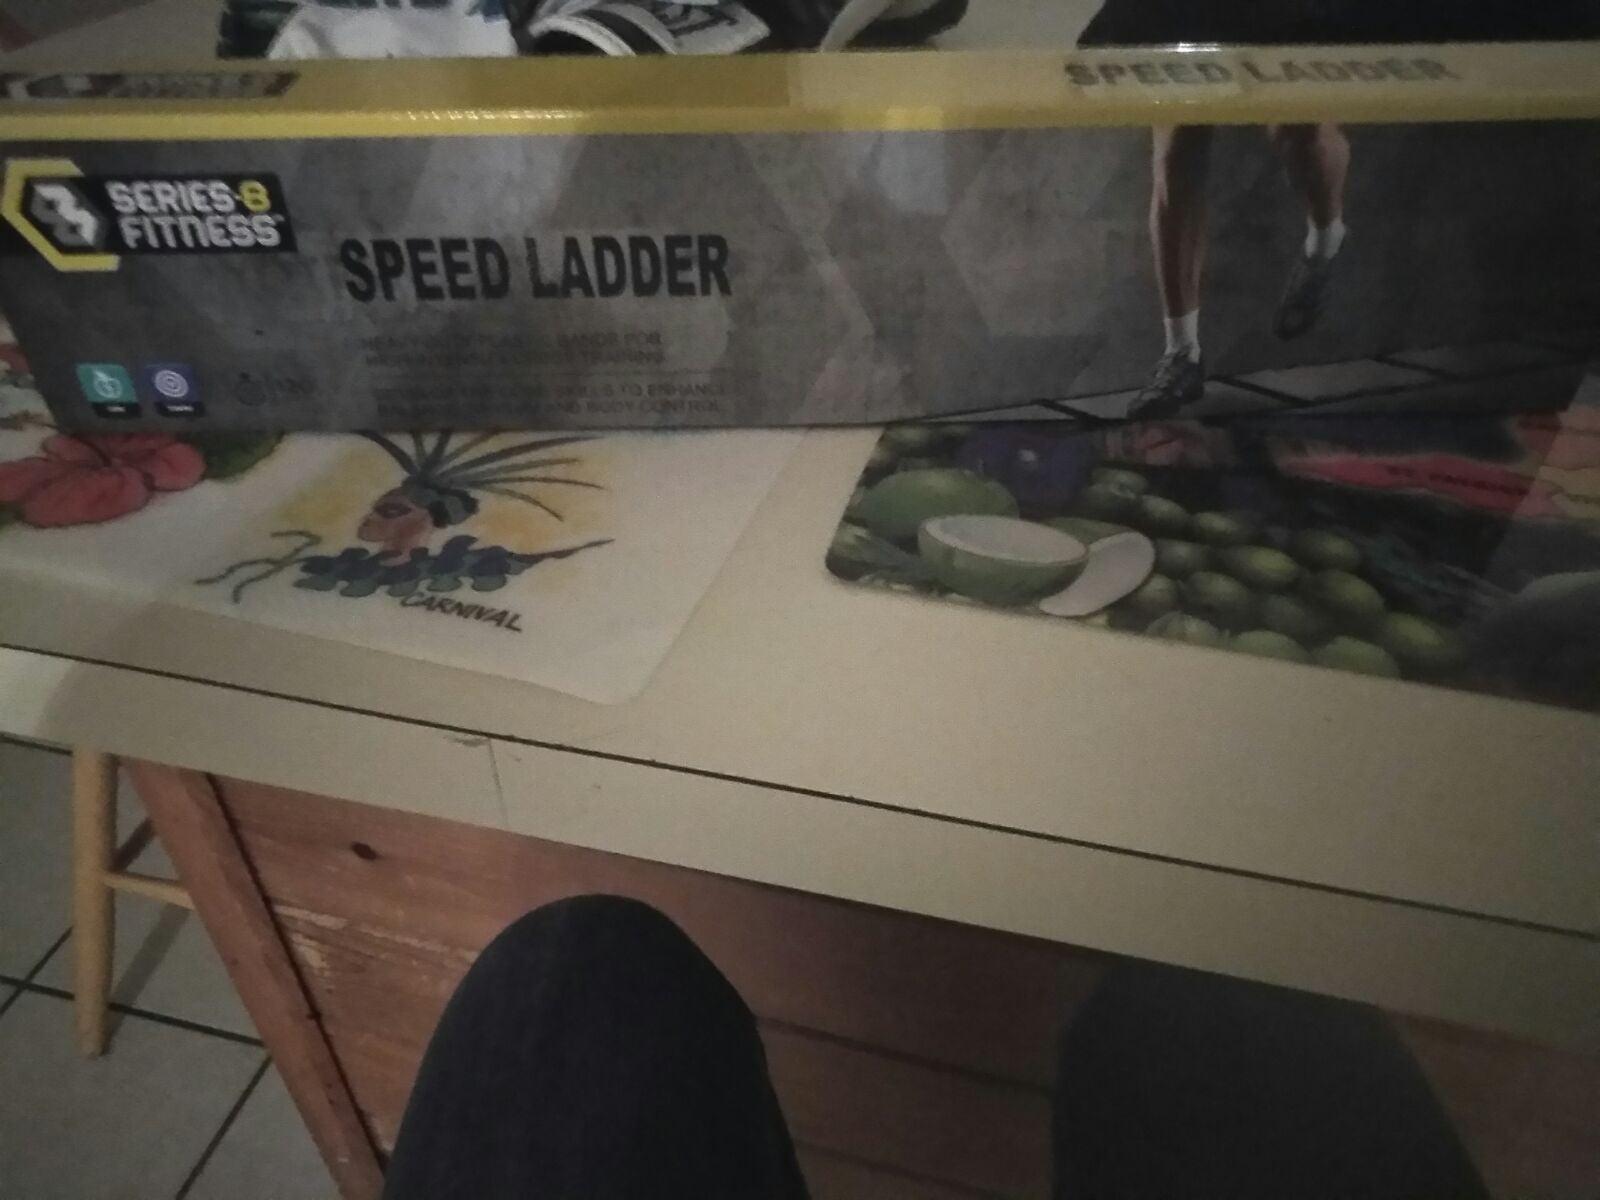 Exercise speed ladder